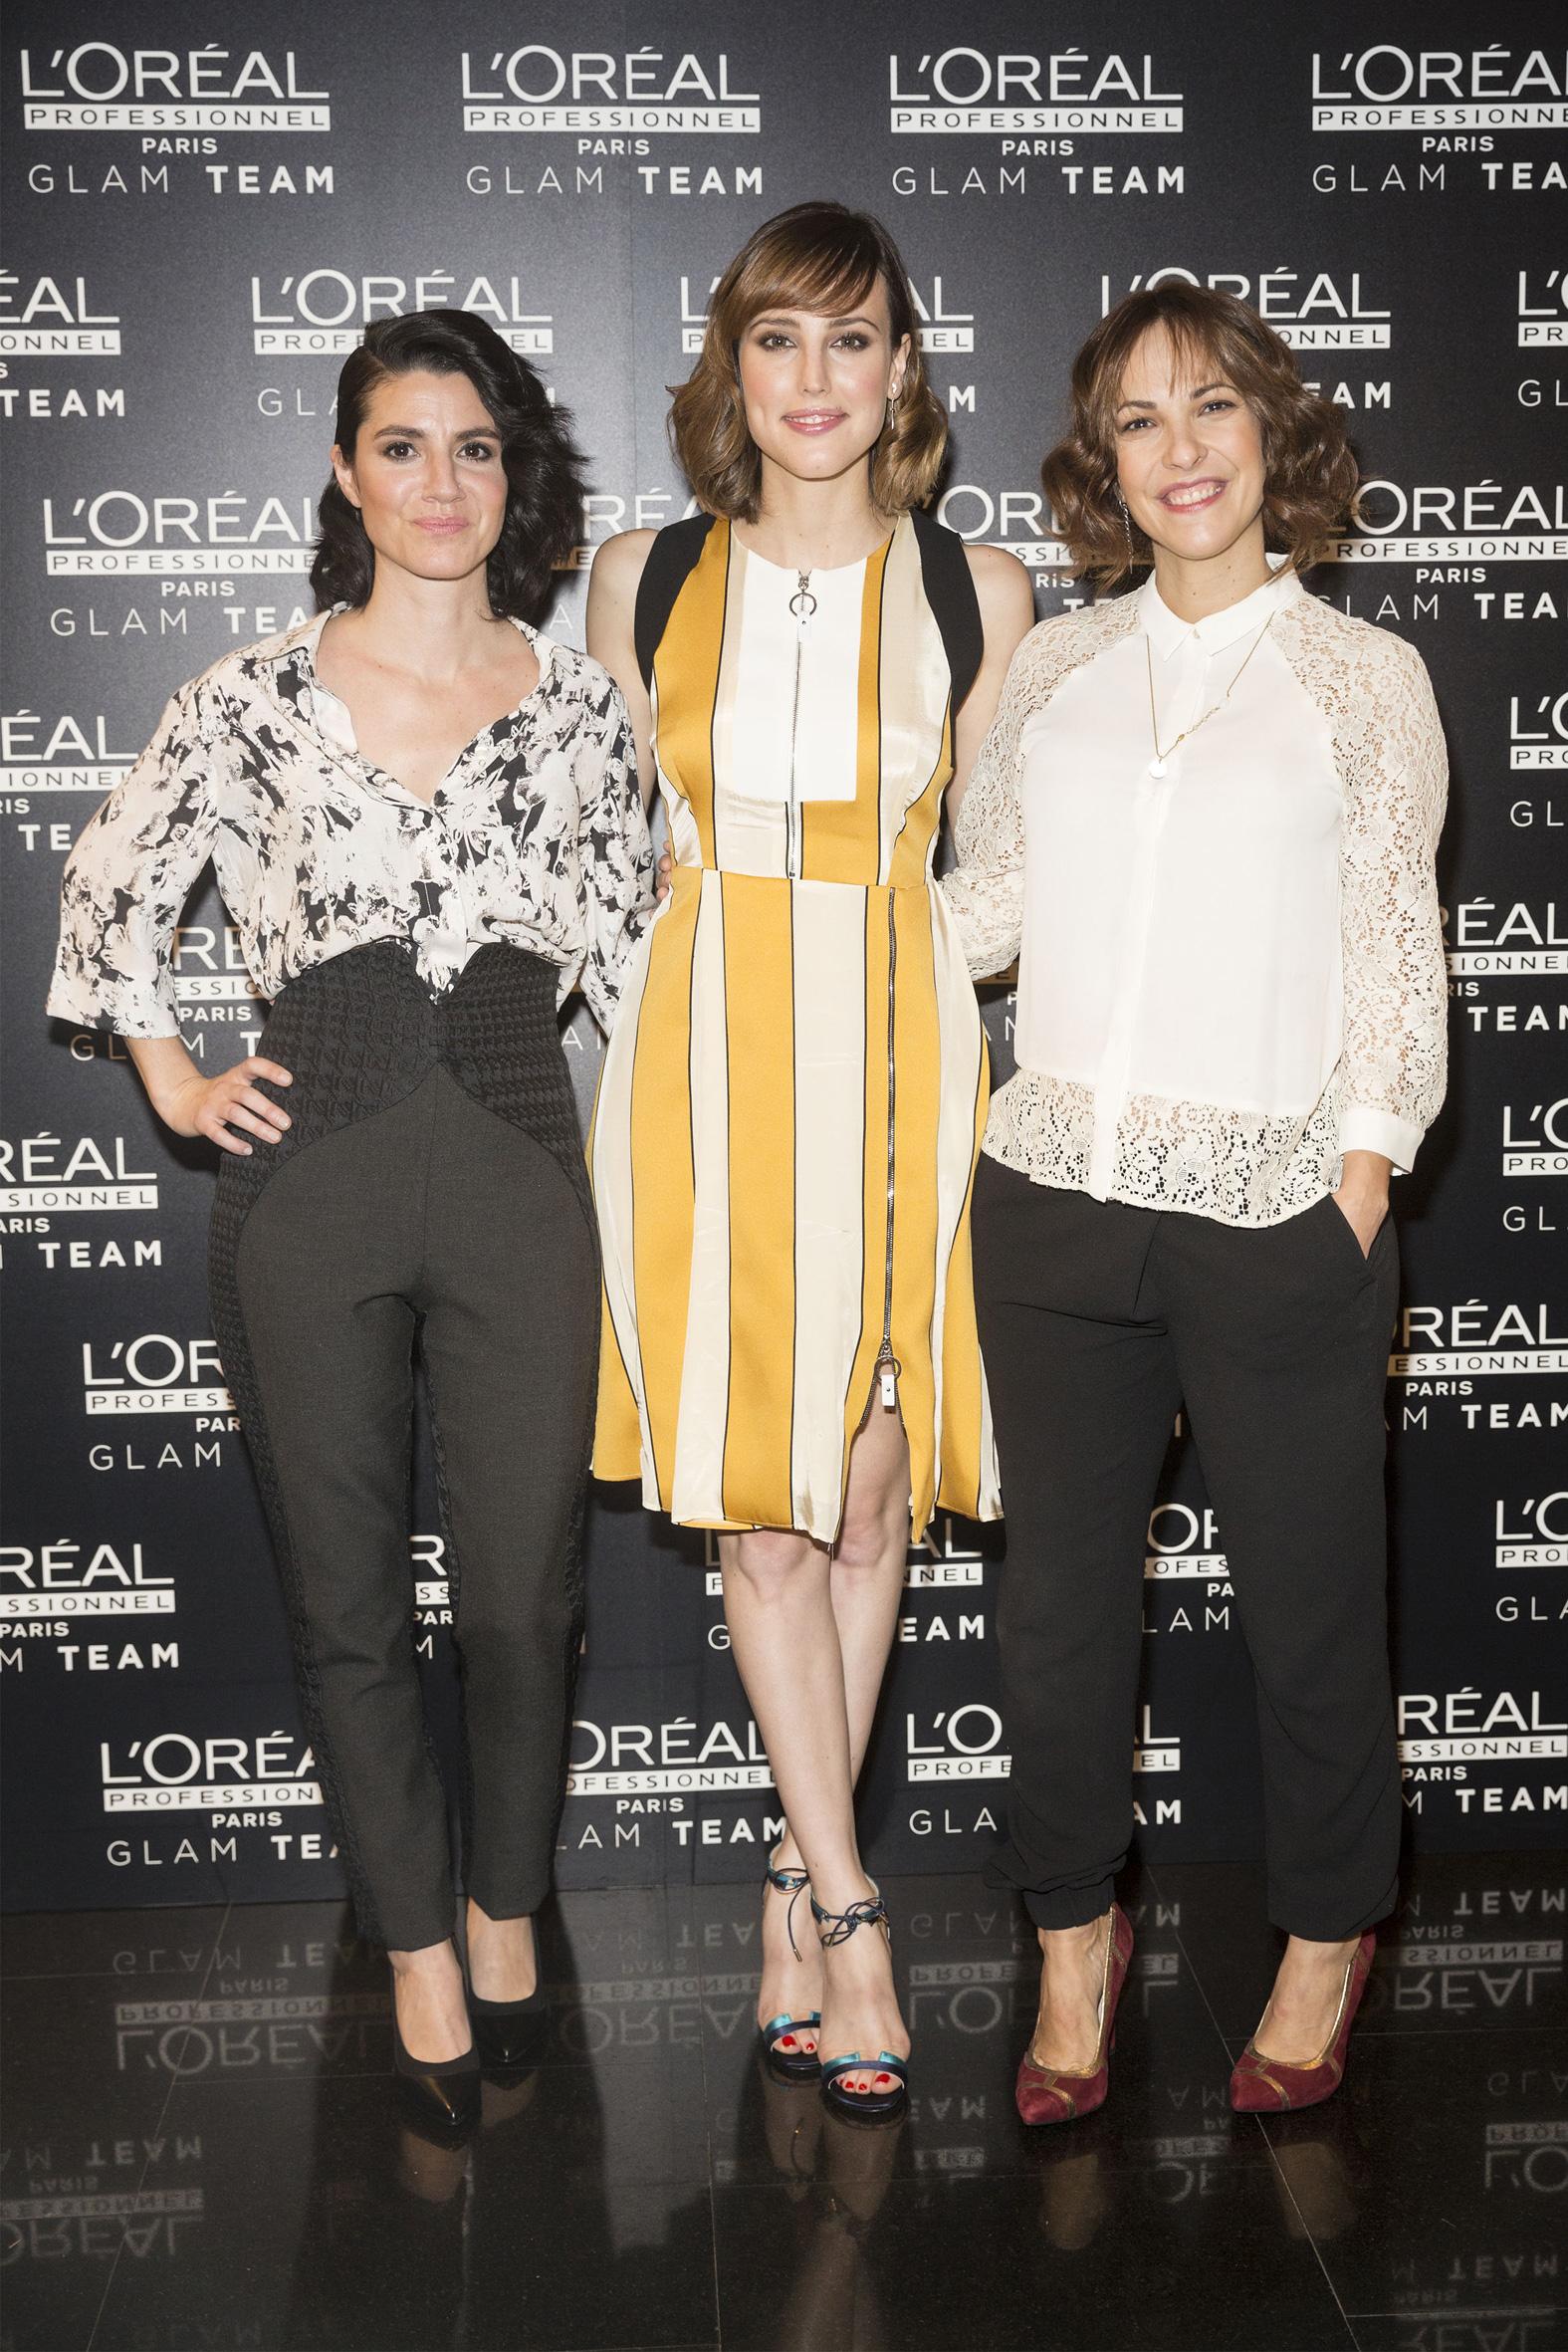 Iraia Elías, Natalia de Molina y Paula Ortiz, en la presentación del Glam Team de L'Oréal Professionnel